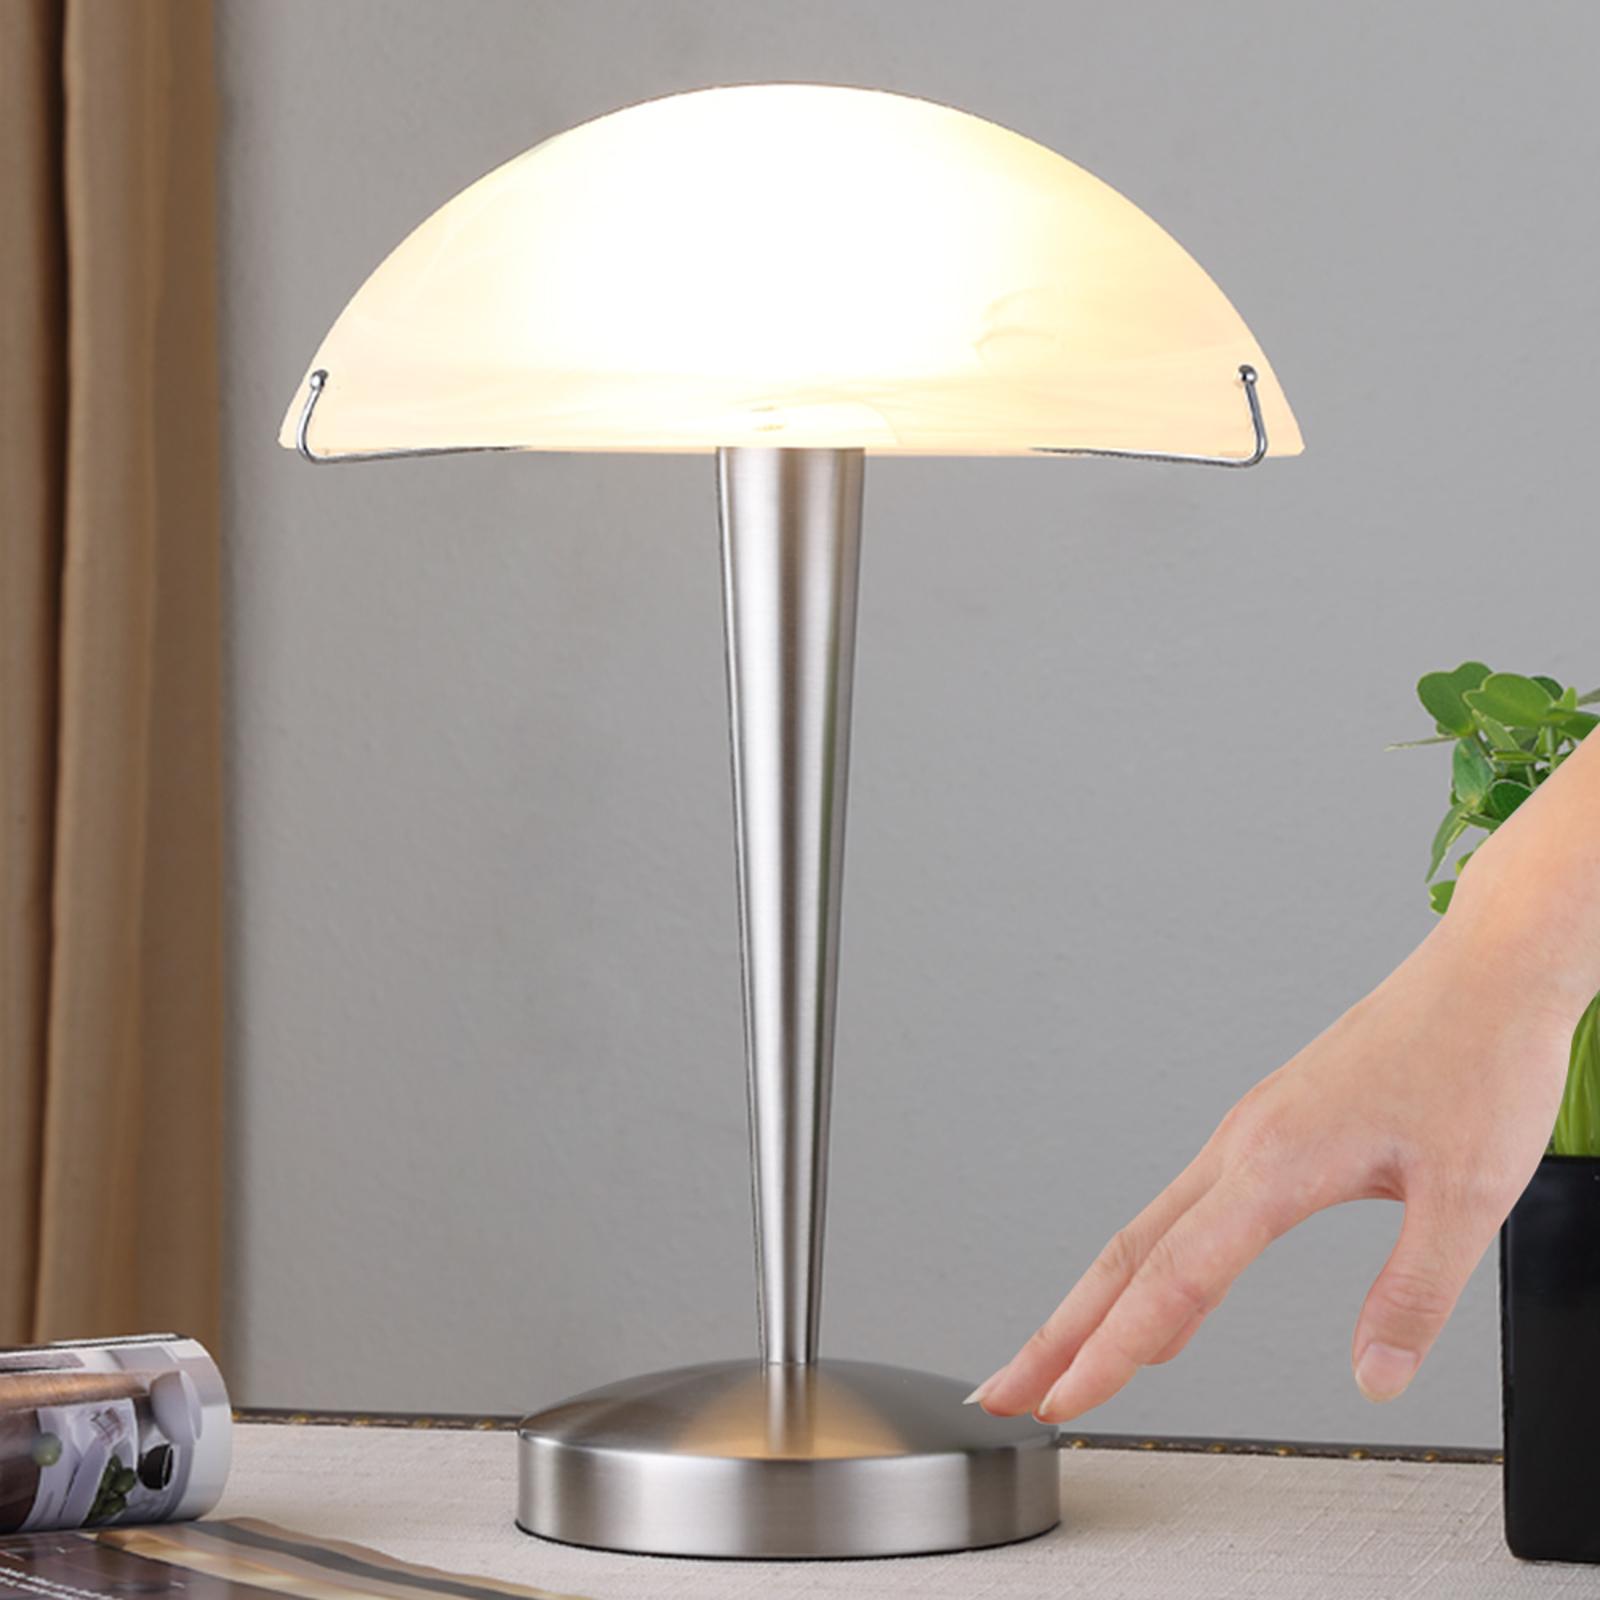 Tischlampe Viola mit Touchschalter, nickel matt